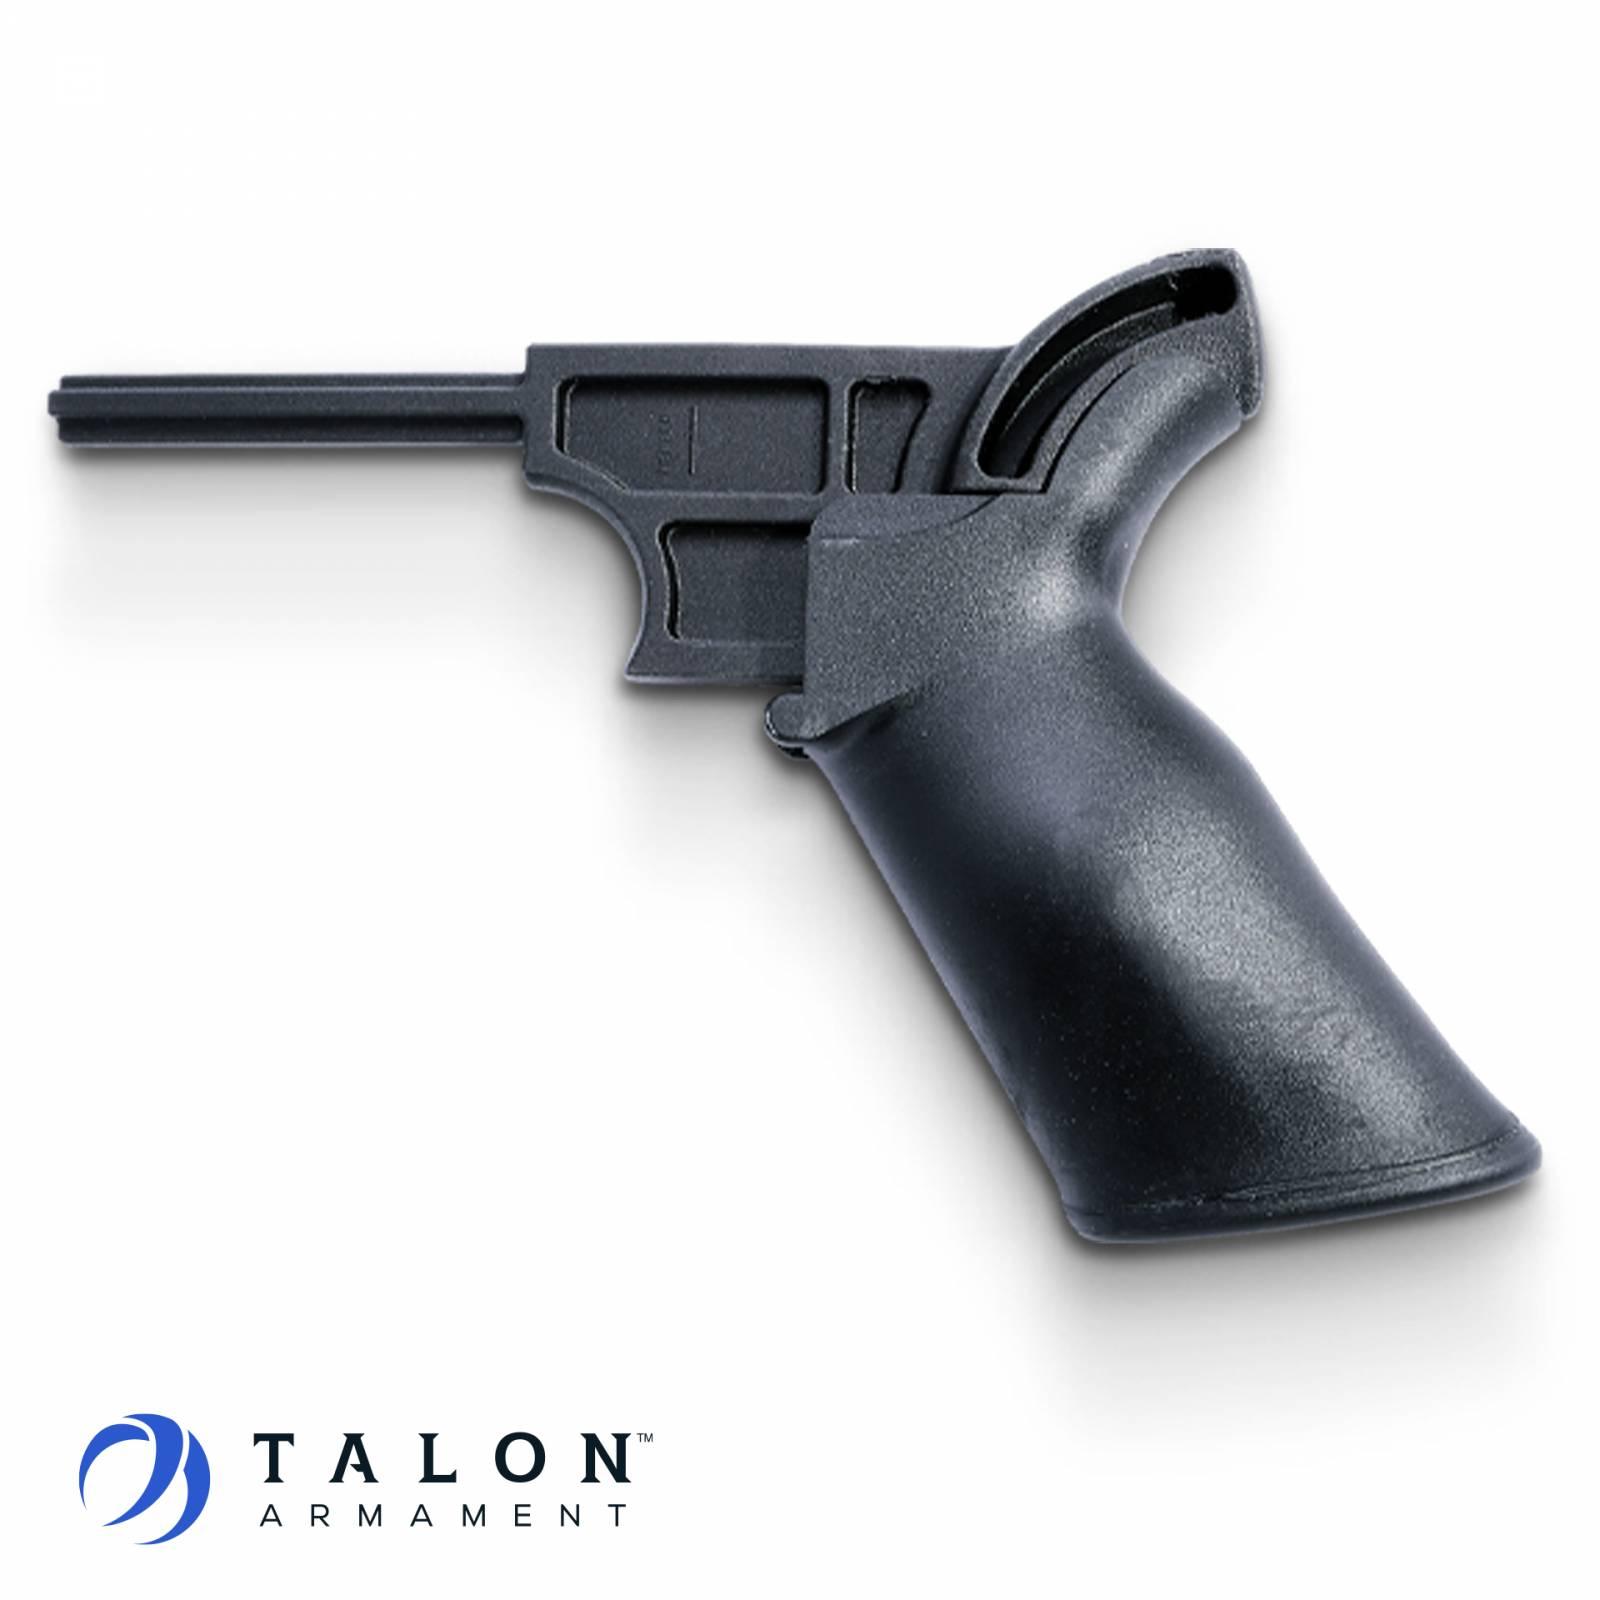 TALON ARMAMENT CLENCH GRIP AR-15/ AR-10